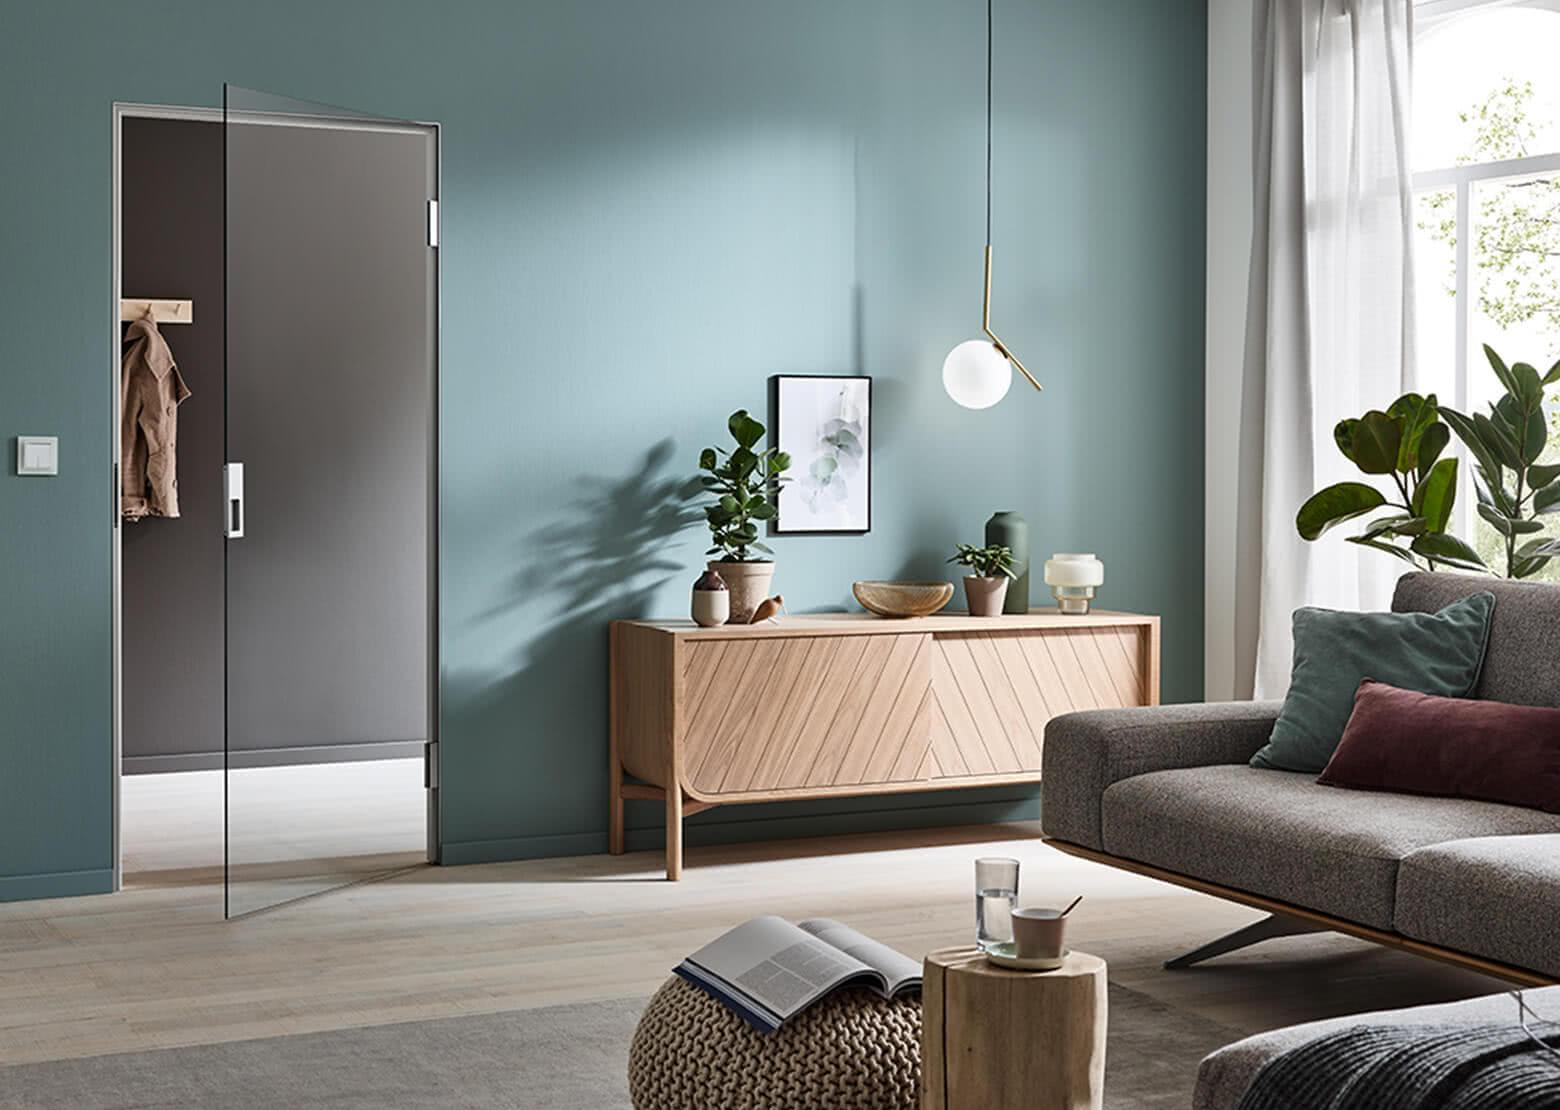 Aluzarge 200 Magnet in the living room with open door